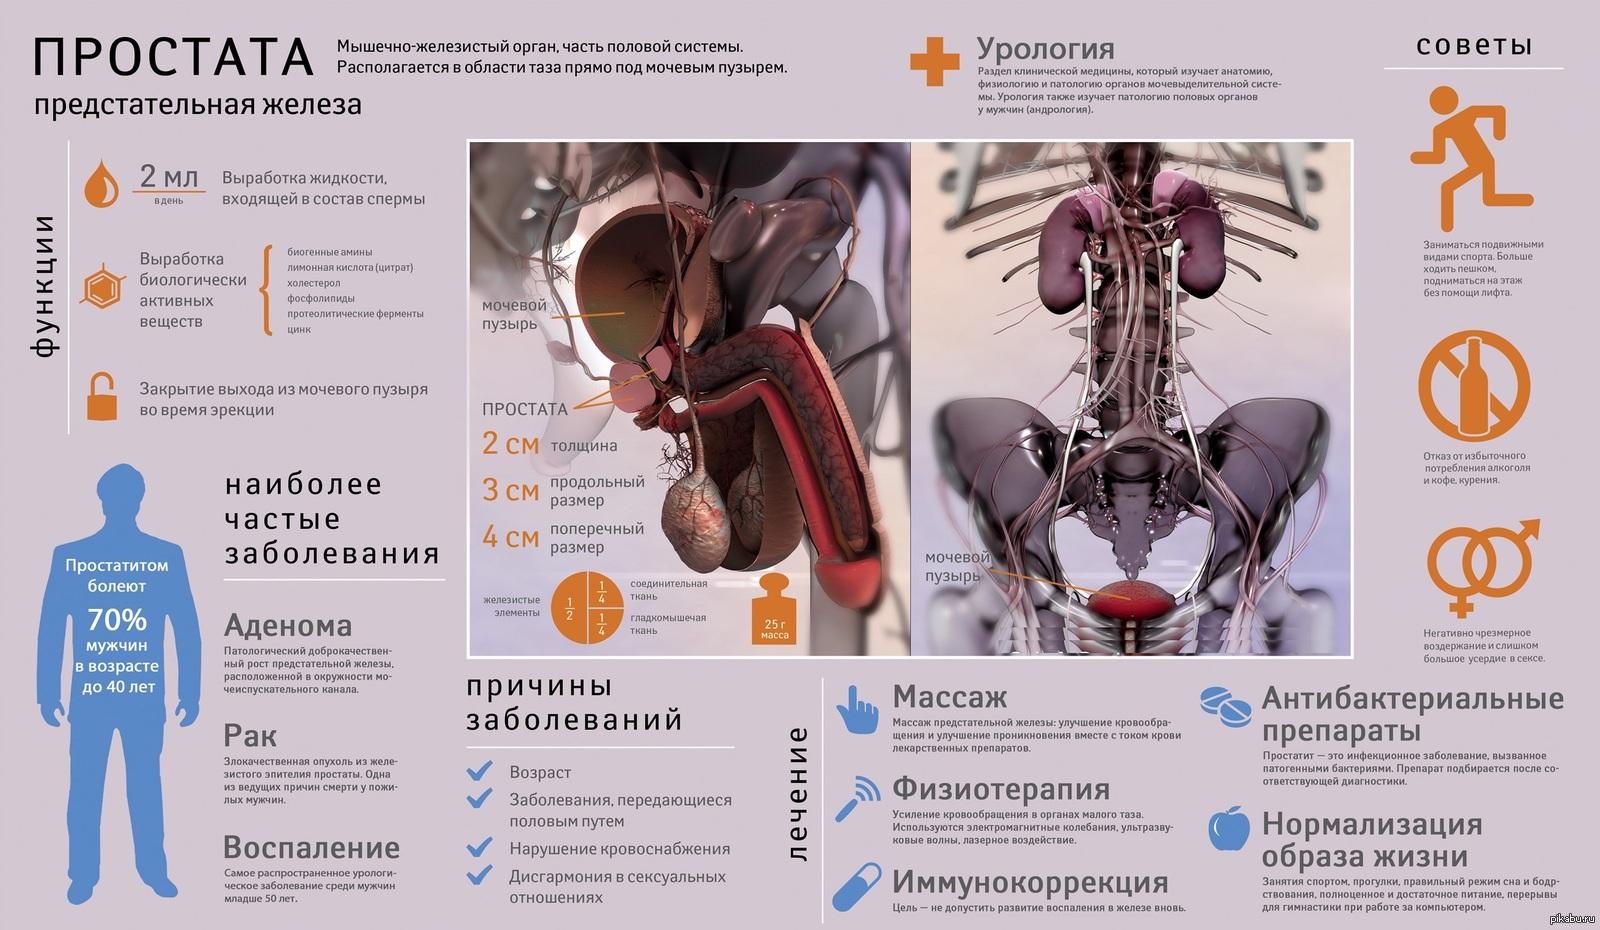 Причины аденомы простаты у мужчин: что способствует возникновению ипровоцирует рост, как избежатьпоявления? | prostatitaid.ru